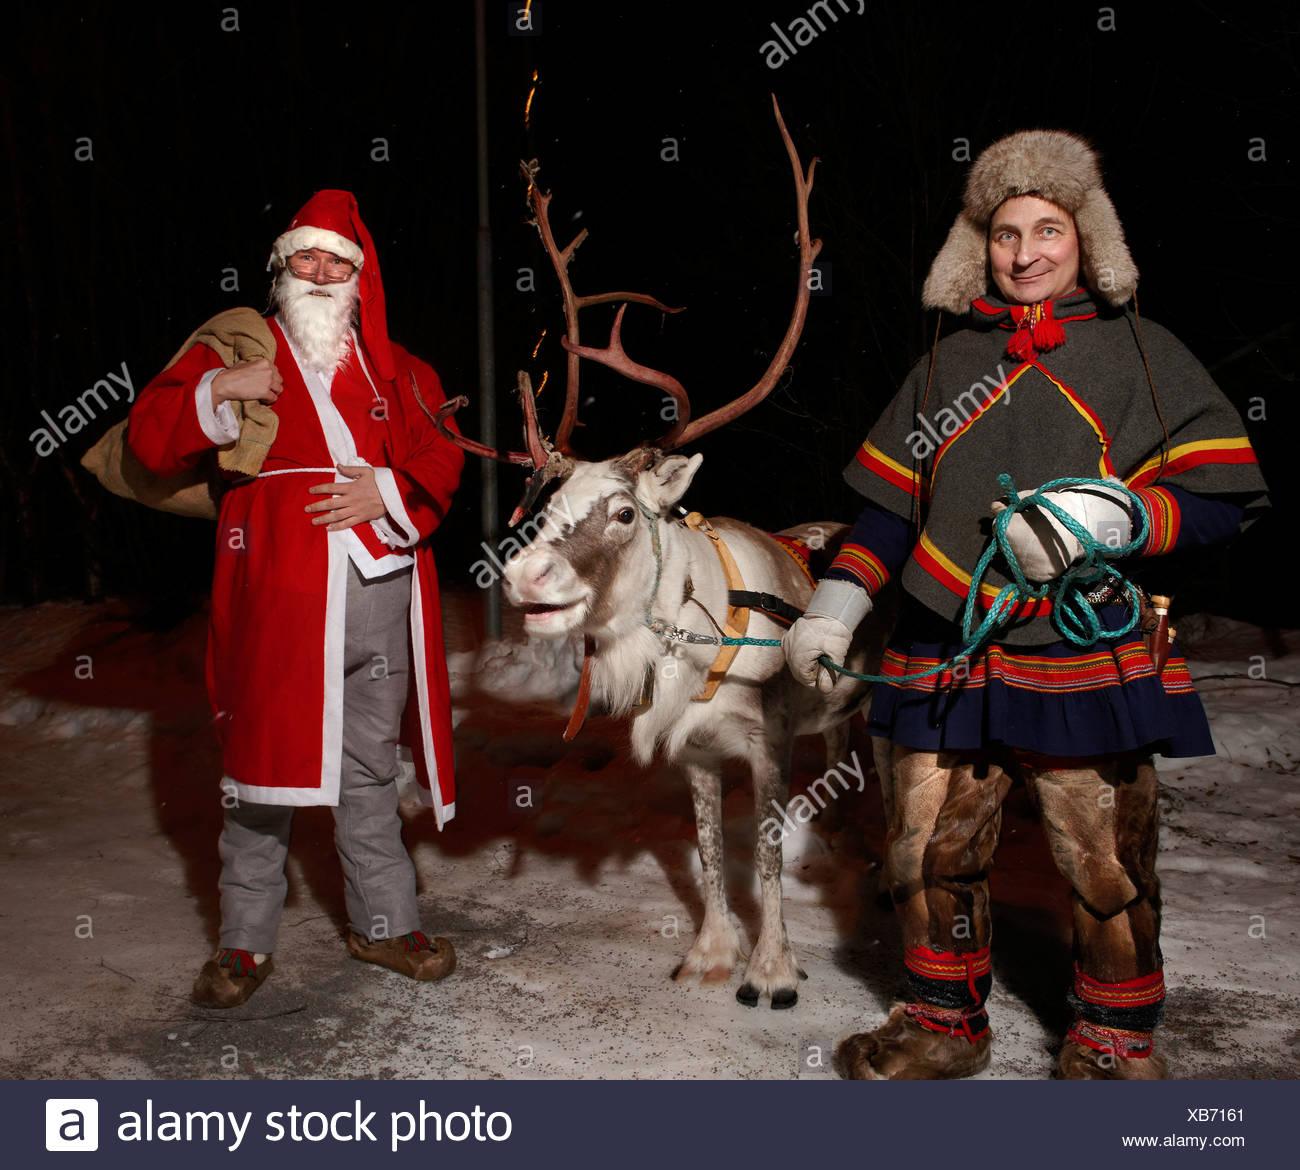 Le Père Noël et les rennes, Jukkasjarvi, Kiruna, Suède Banque D'Images